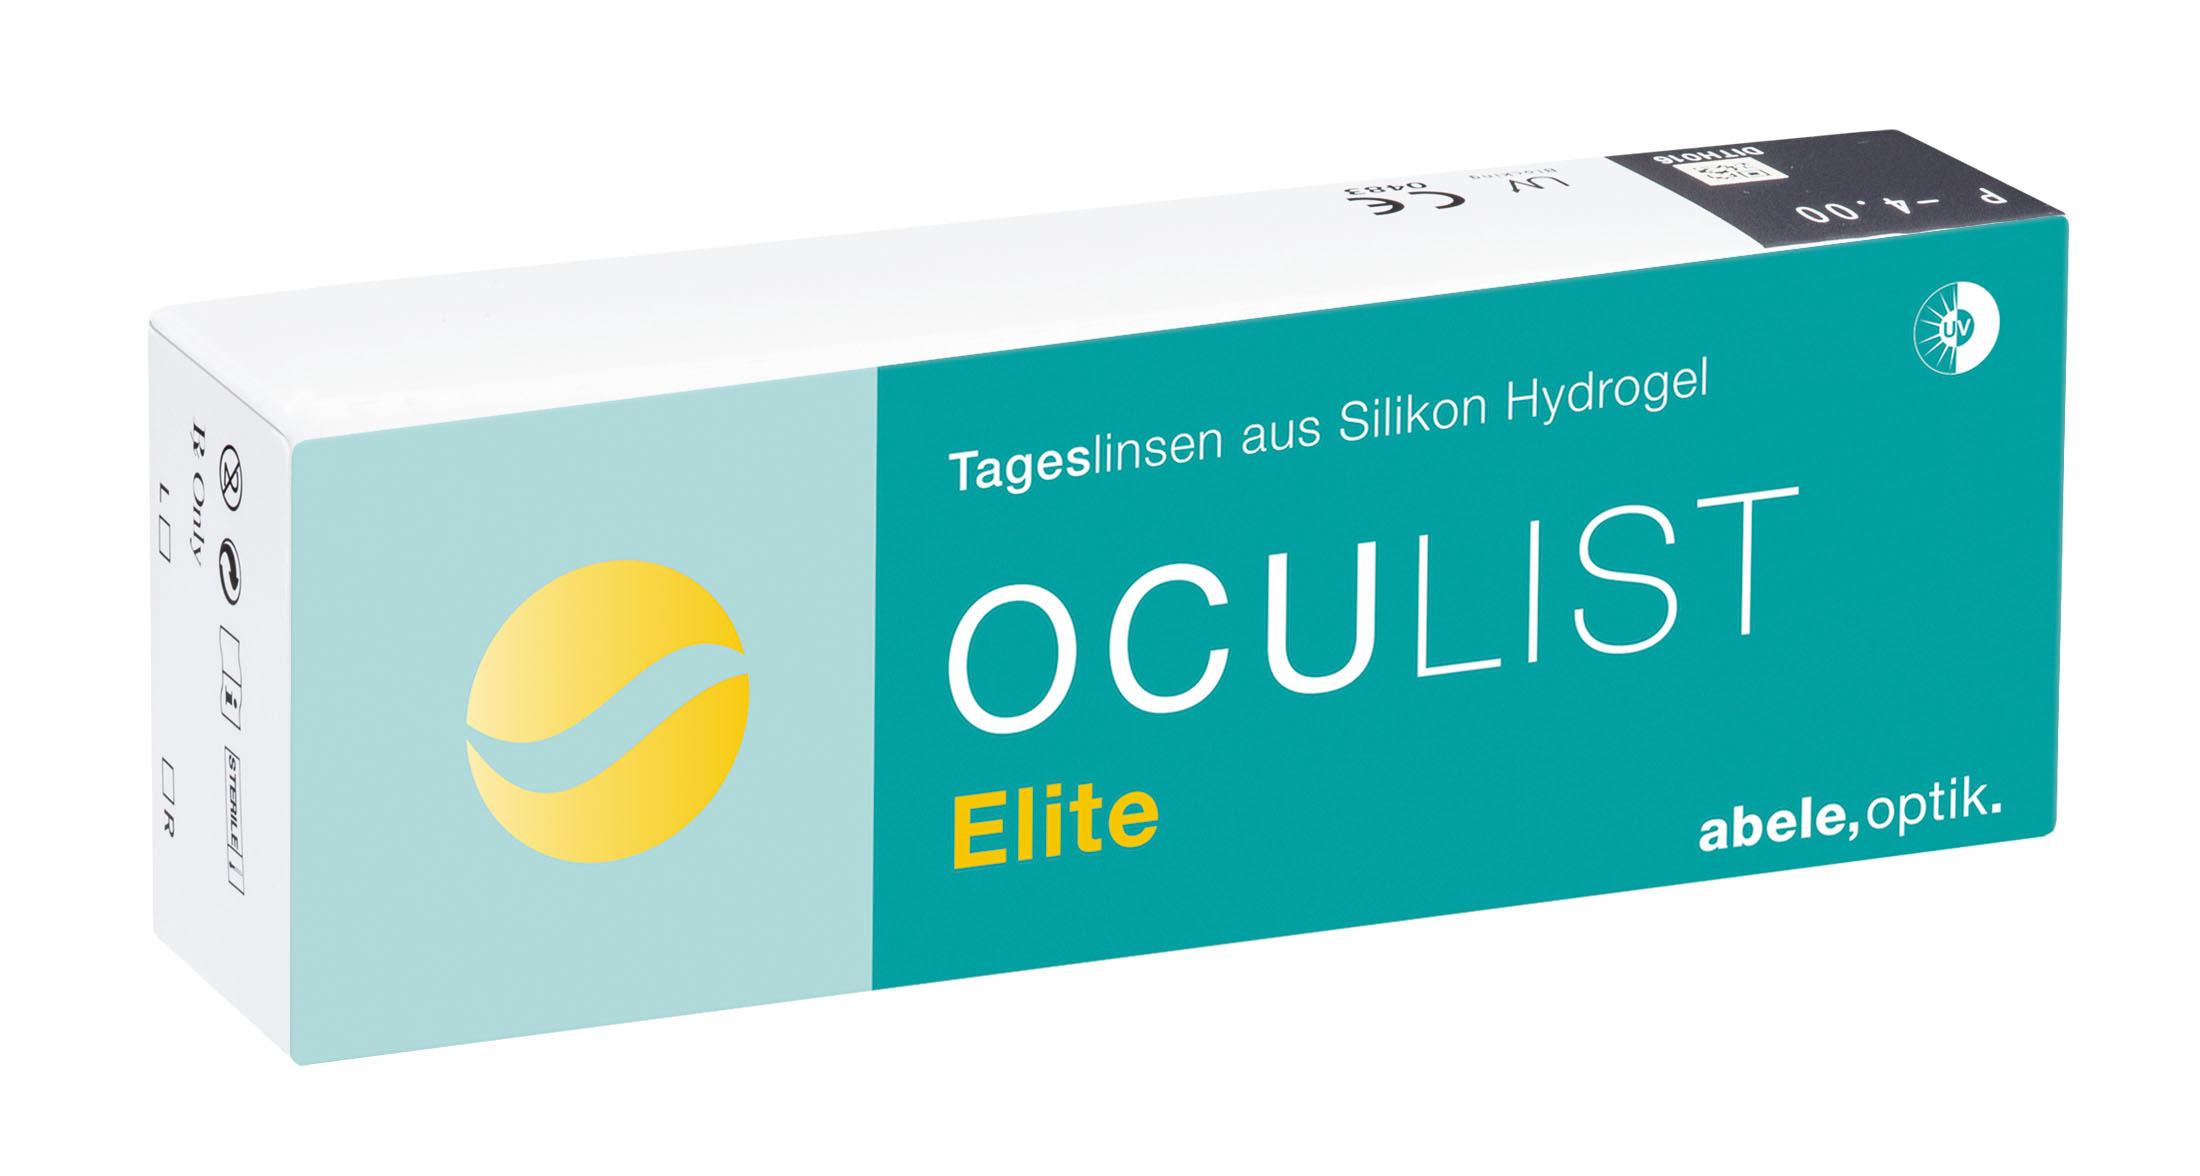 Oculist Elite Tageslinse, Abele Optik (30 Stk.)